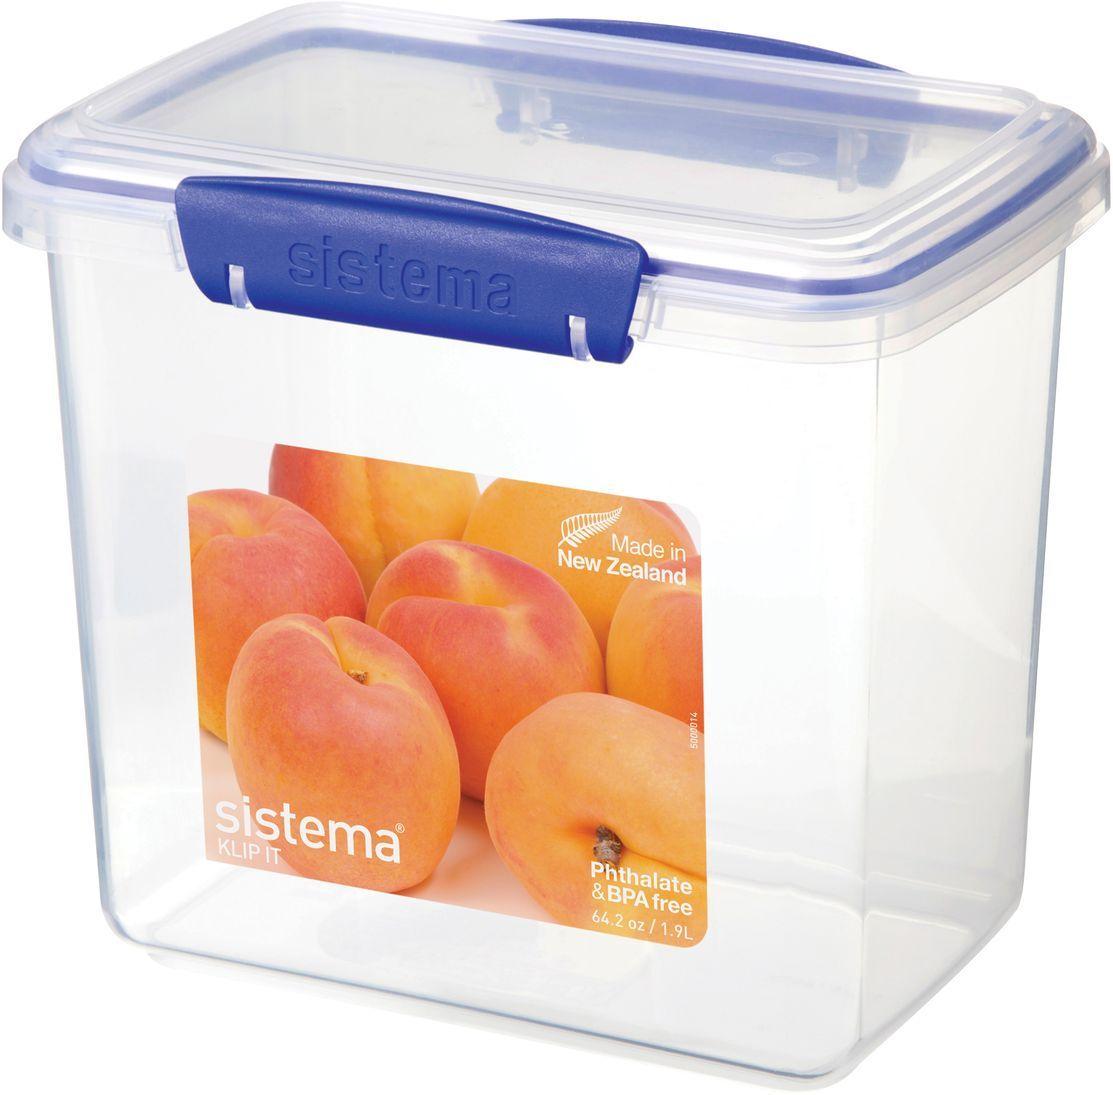 Контейнер пищевой Sistema Klip It, цвет: прозрачный, синий, 1,9 л. 16801680Контейнер пищевой Sistema Klip It обладает оригинальной системой клипс. Контейнер надежно закрывается.Изделие выполнено из пластика, свободного от фенола и других вредных примесей.